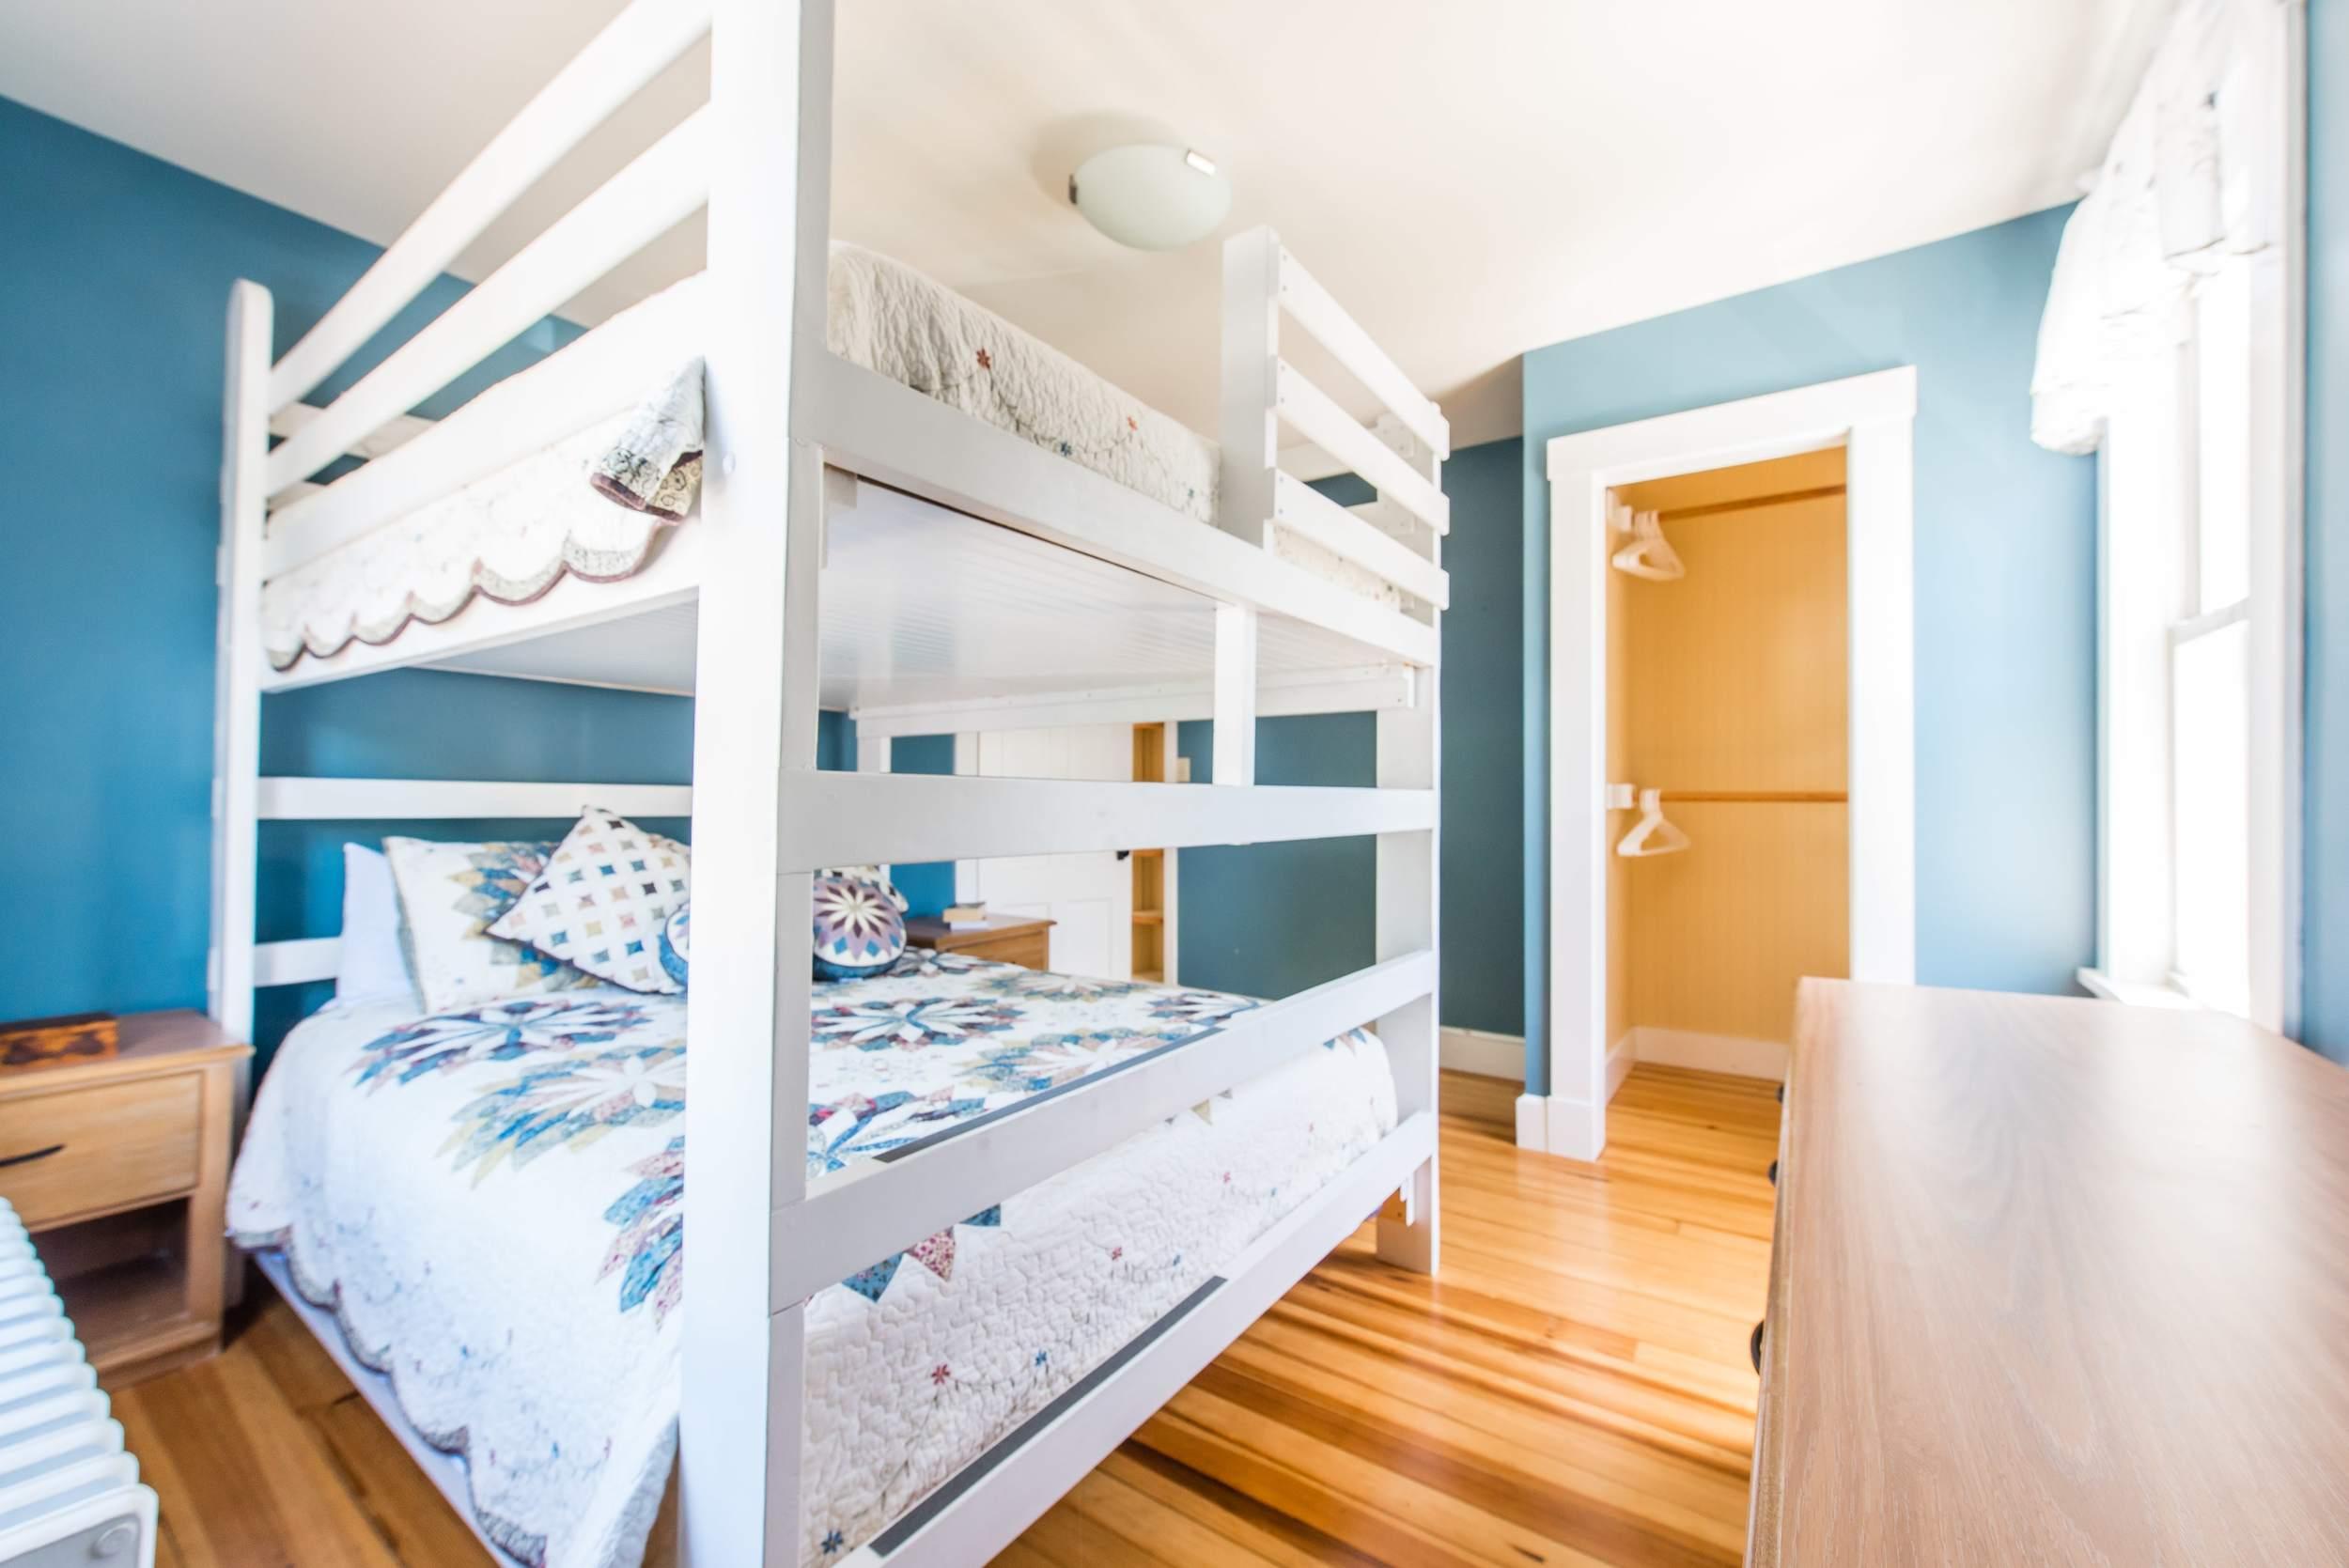 Bedroom with custom made queen over queen bunk bed.